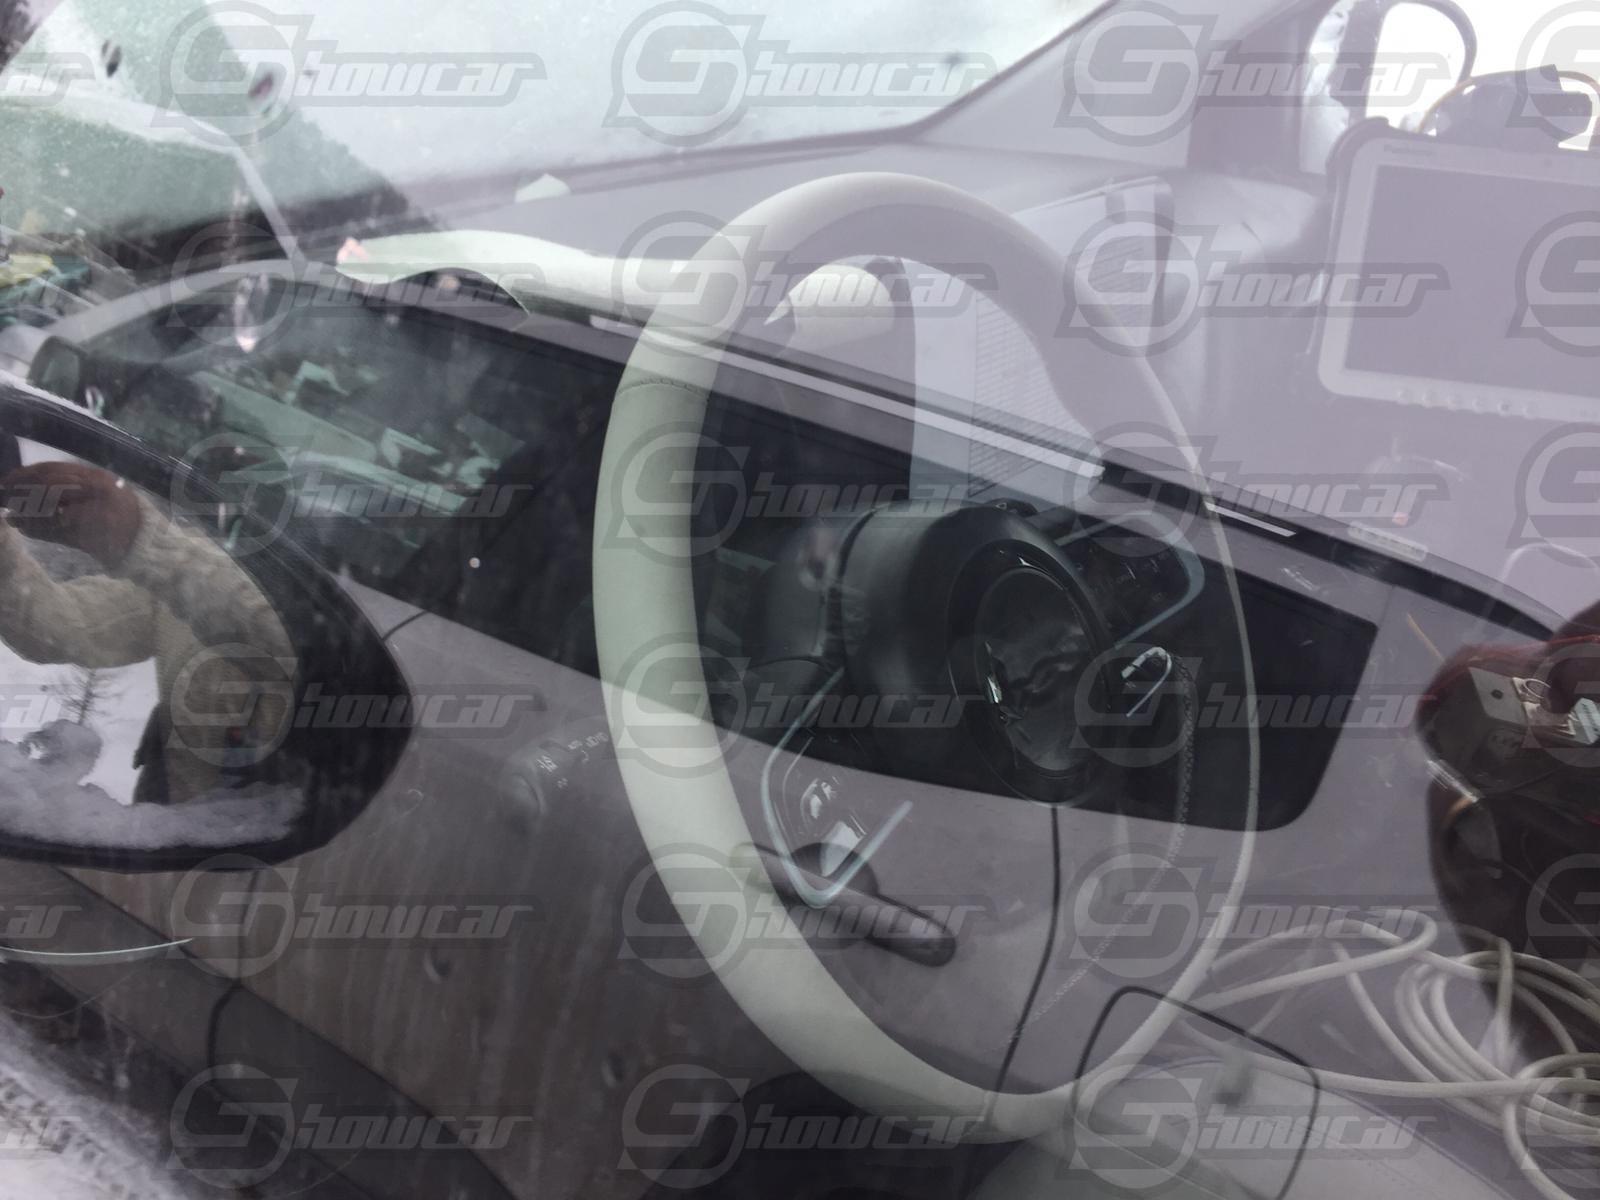 2020 - [Fiat] 500 e - Page 12 Fiat-500-elettrica-2020-foto-spia-showcar-8